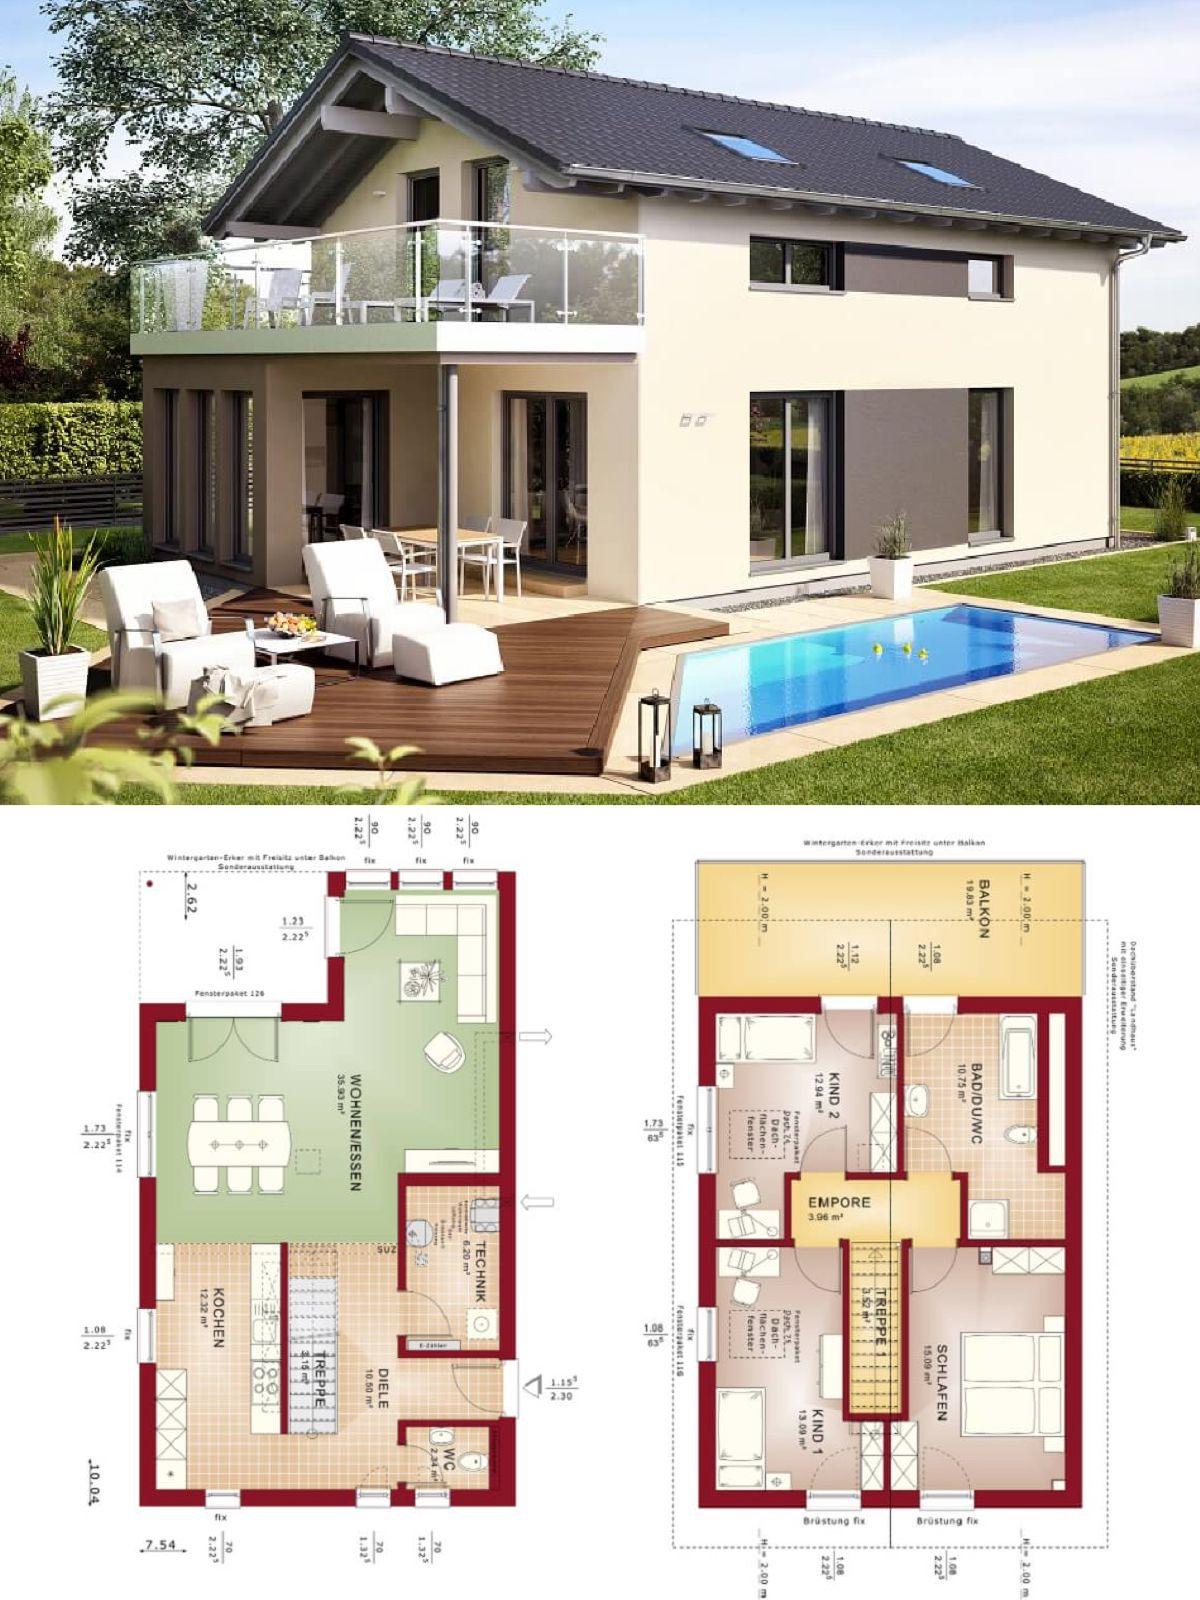 Einfamilienhaus modern mit satteldach architektur for Grundriss einfamilienhaus 2 vollgeschosse